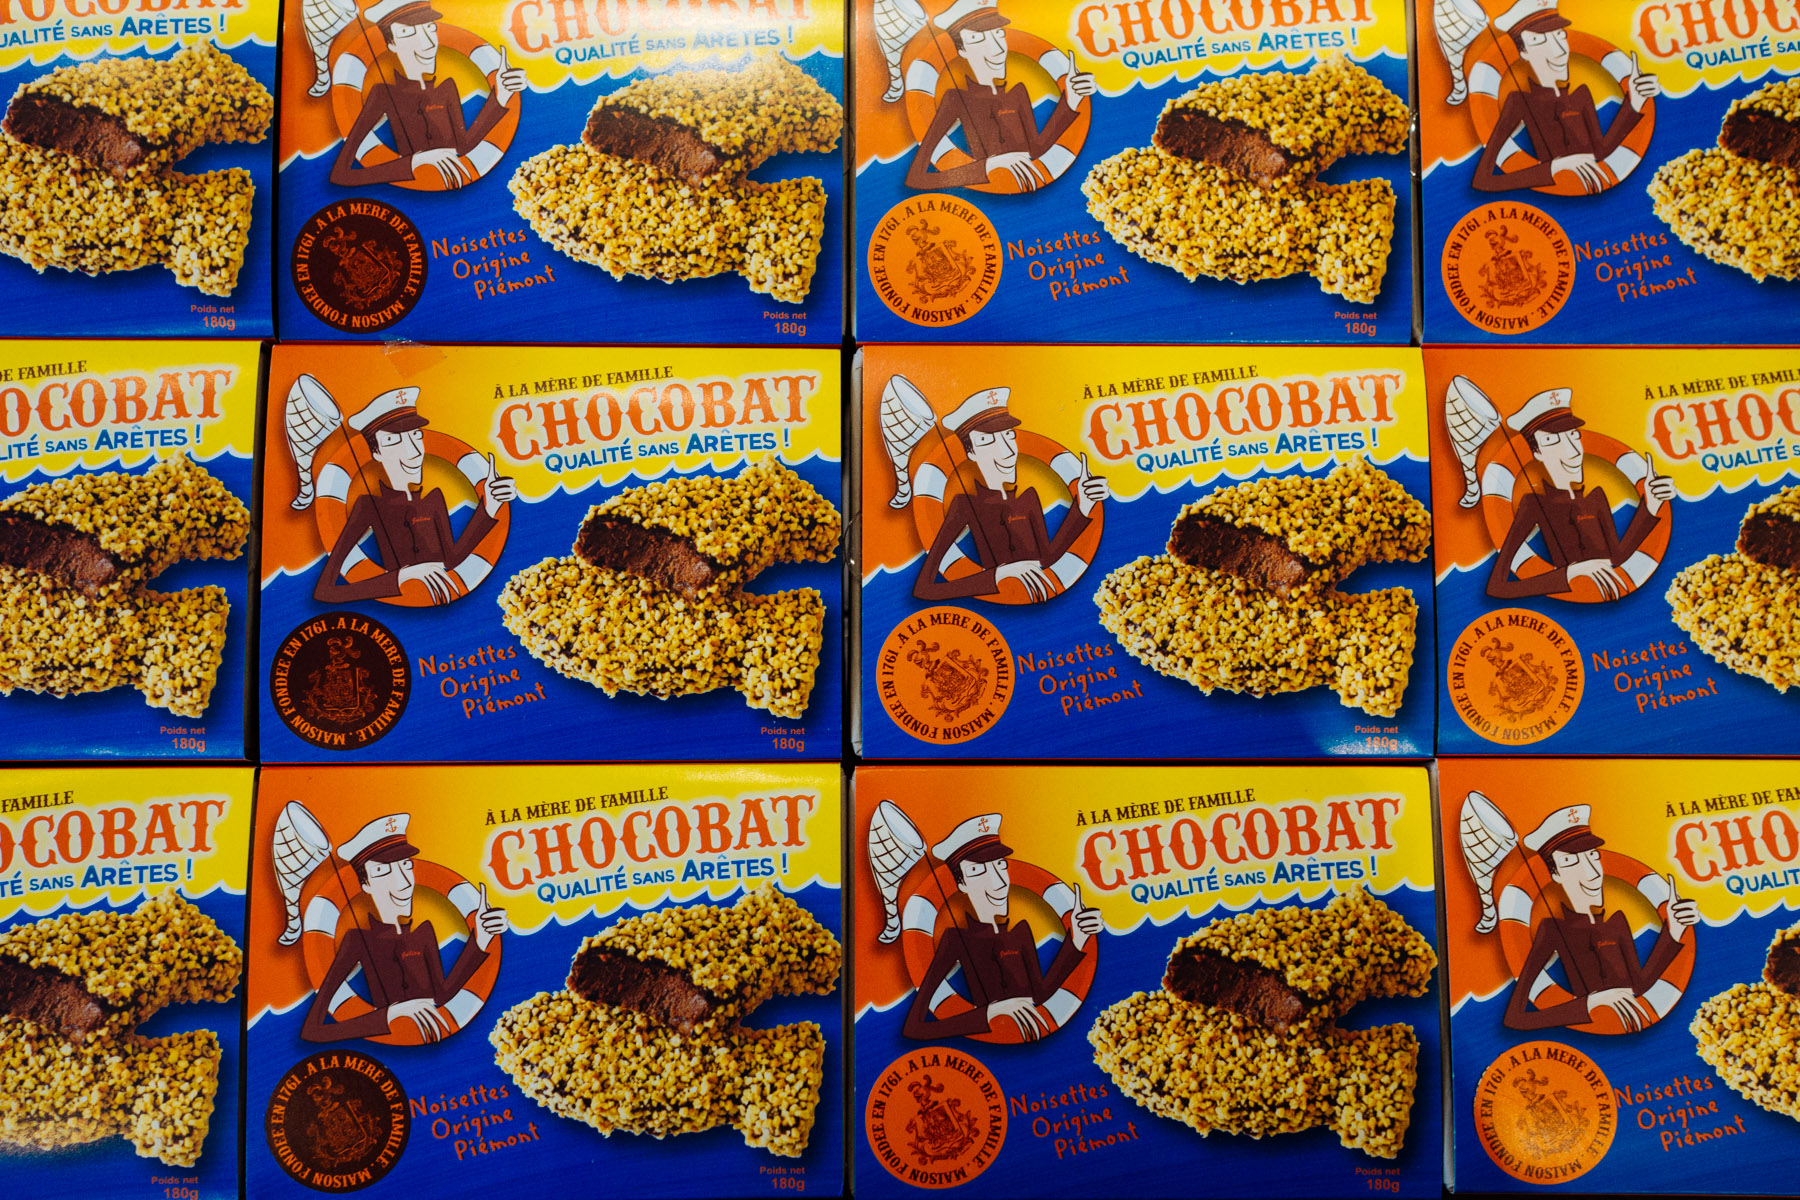 a-la-mere-de-famille-paris-best-candy-shop-confectionary-chocolate-19